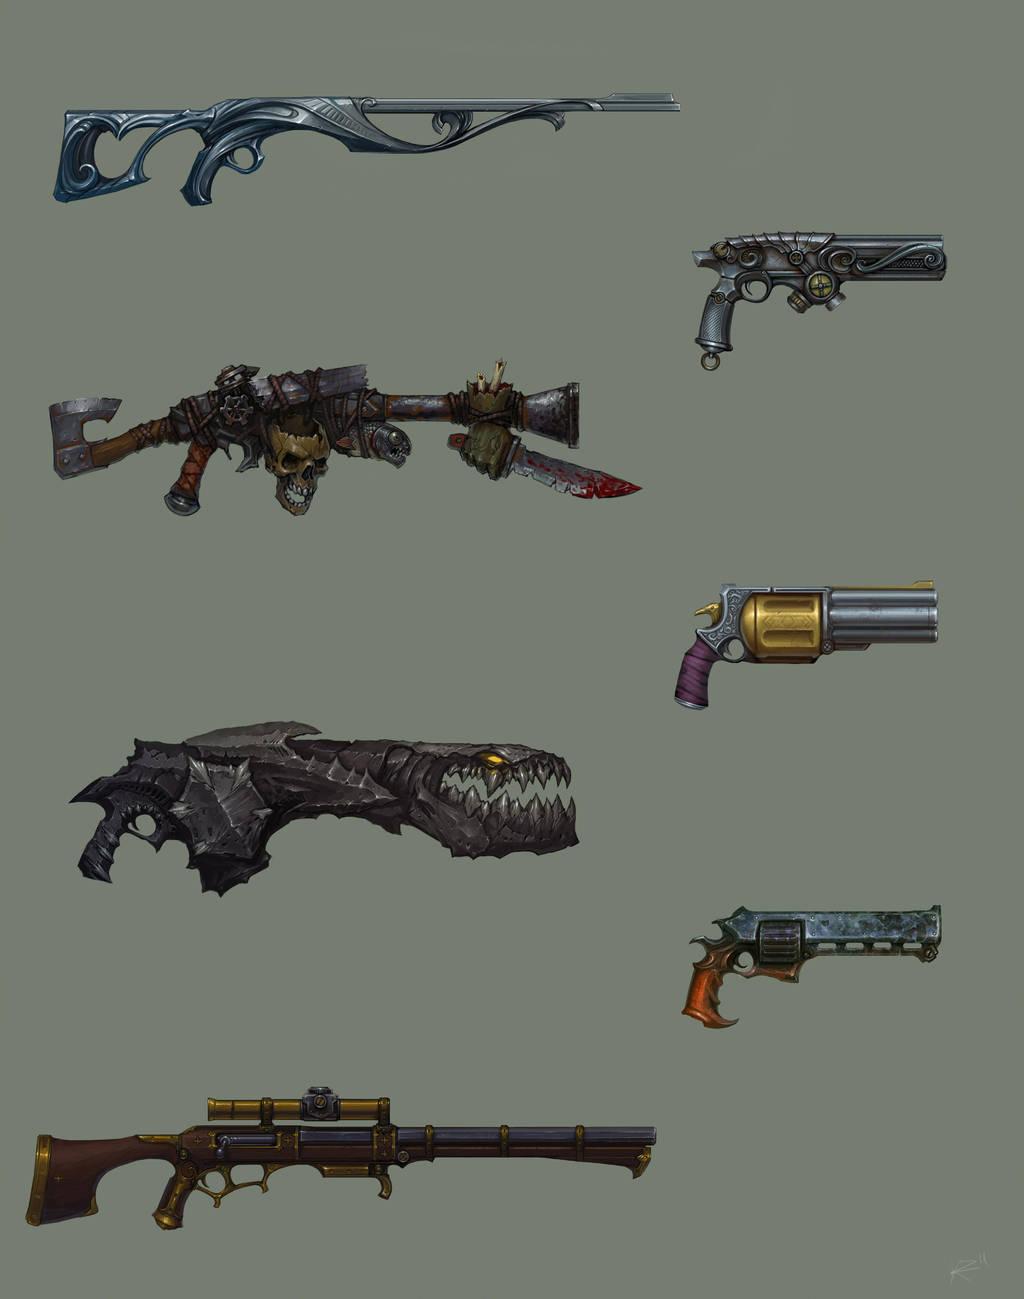 Fantasy guns by Kozivara